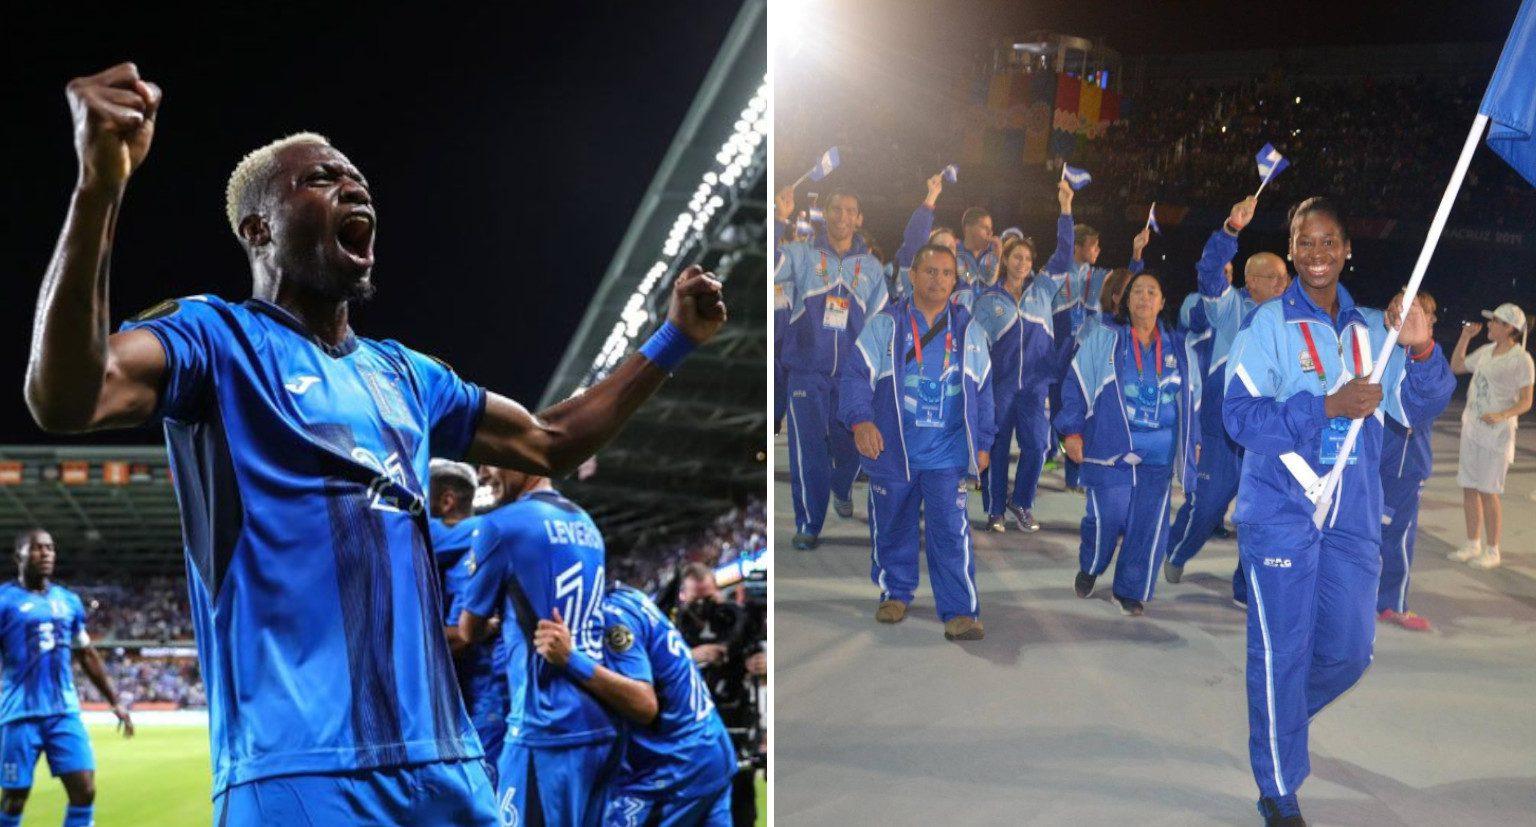 Emocionantes eventos deportivos con participaciones de hondureños, julio-agosto 2021